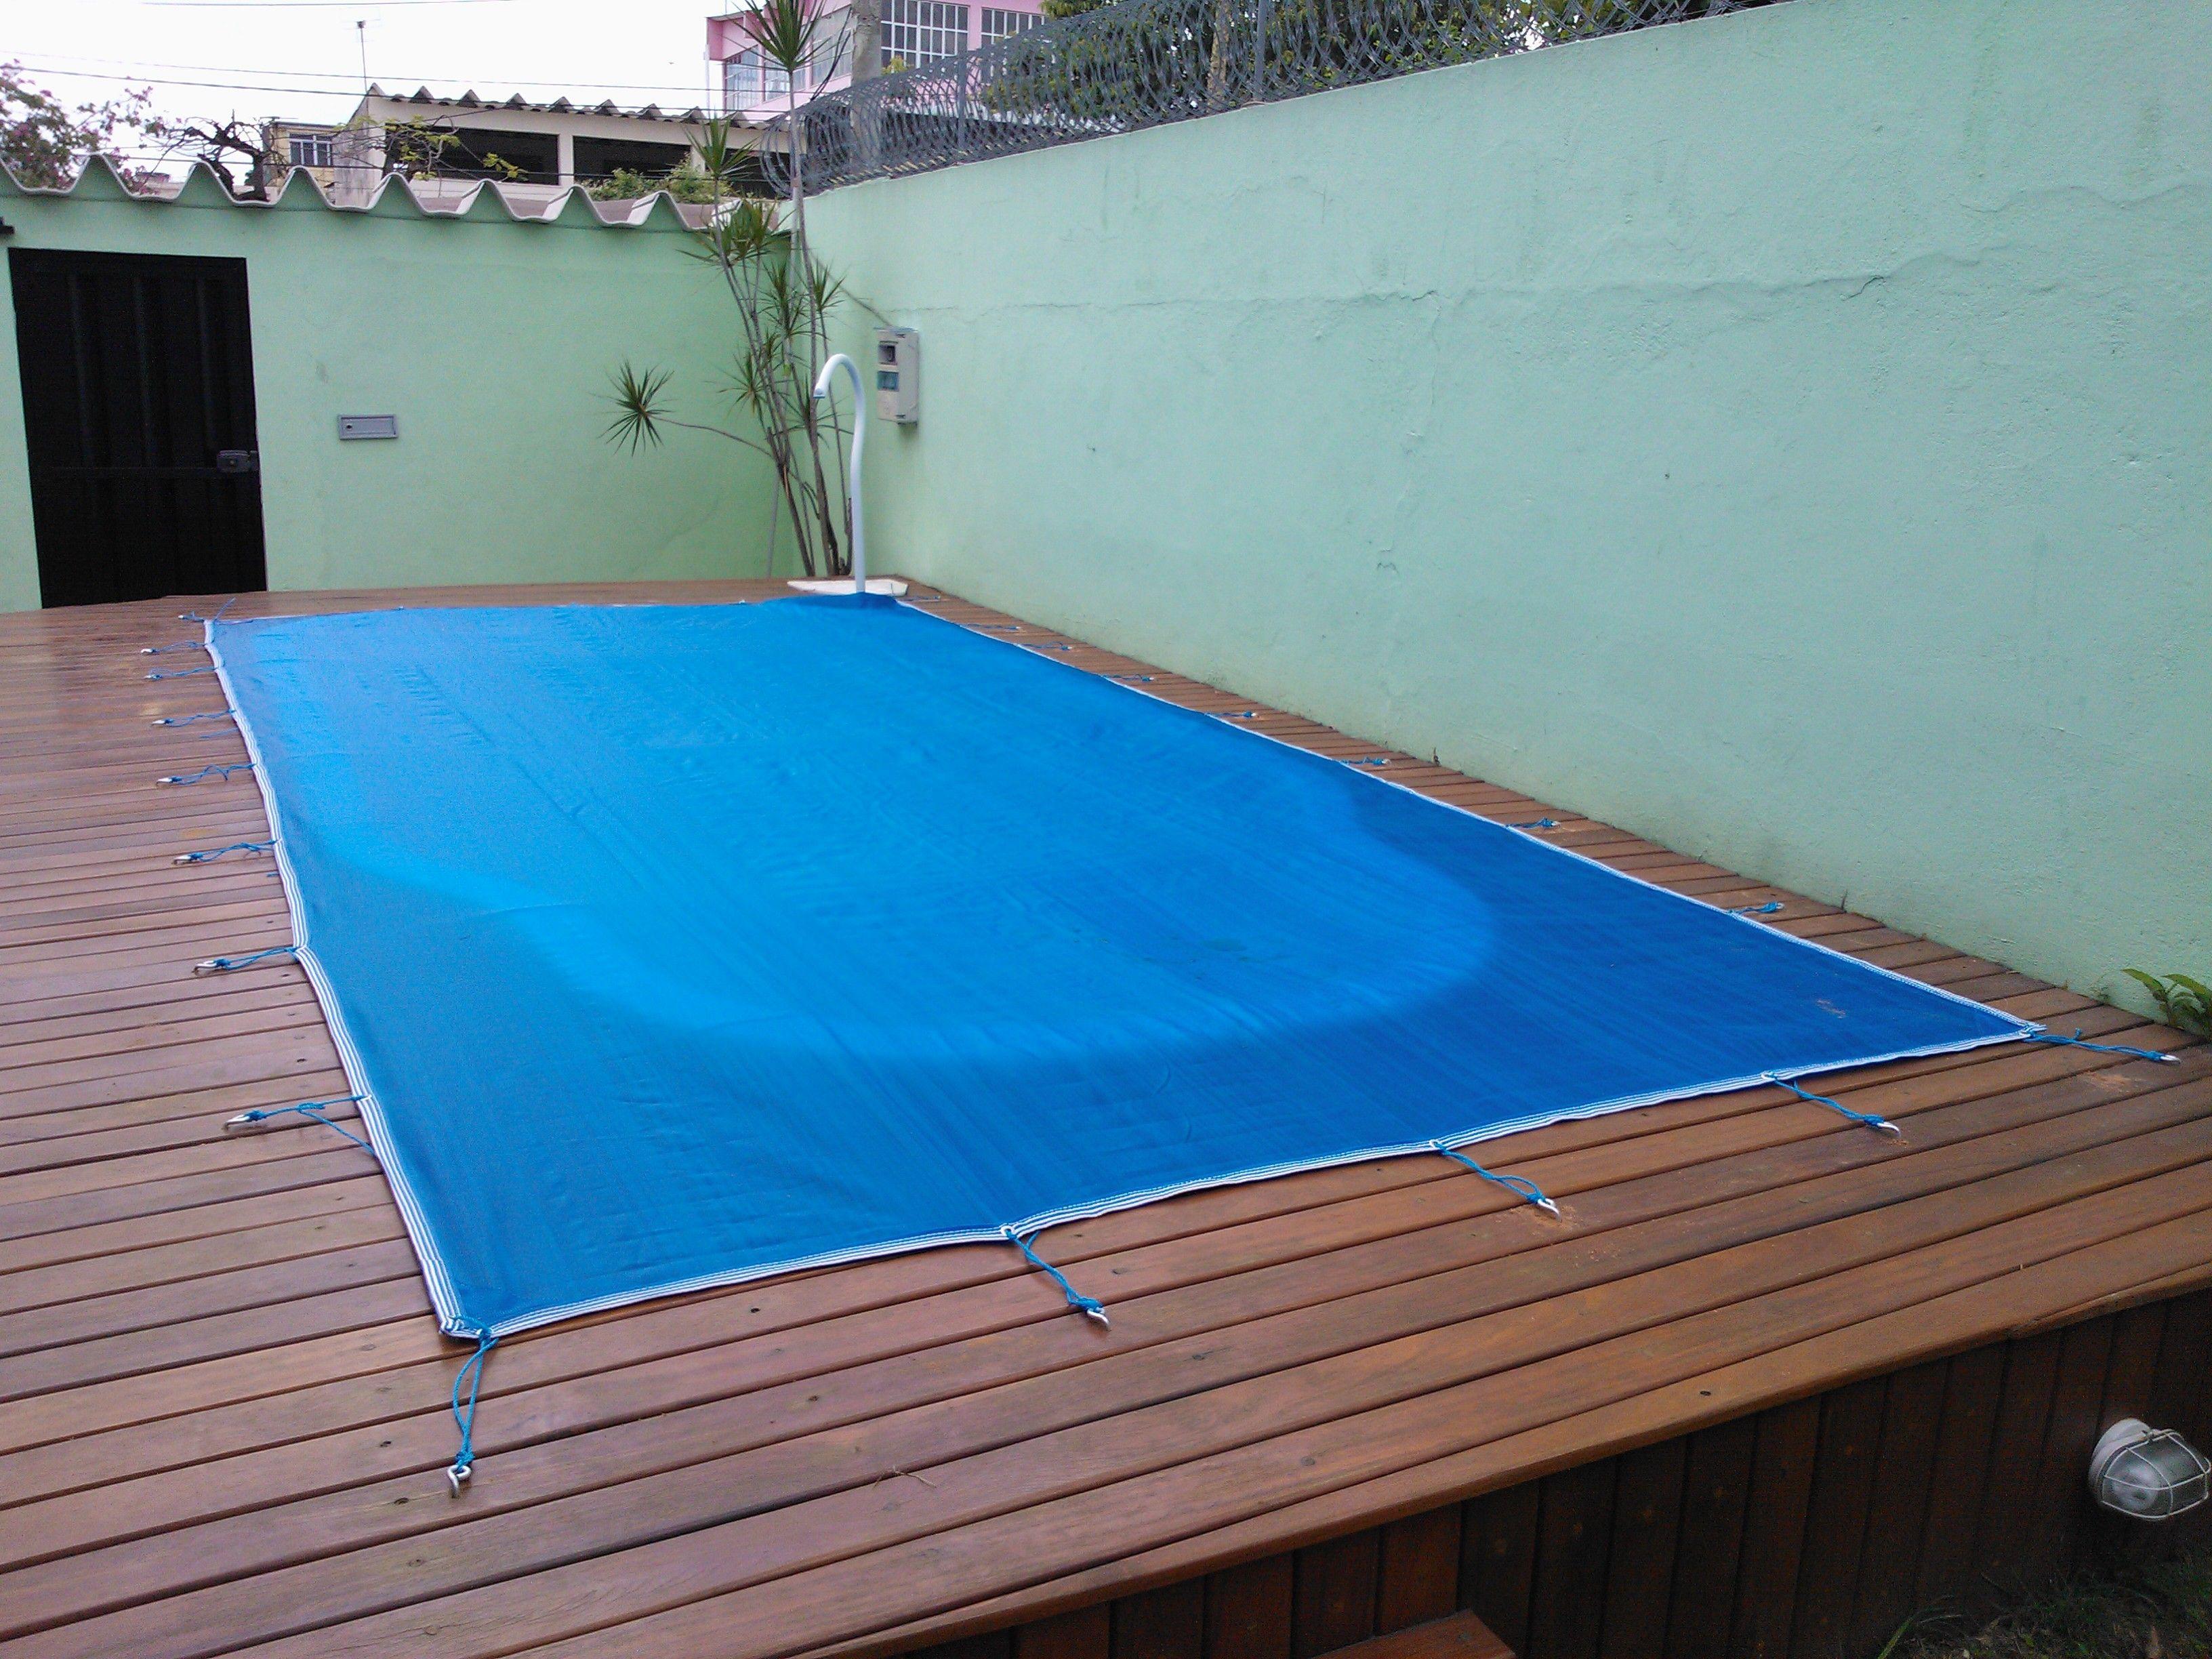 Lonas de proteção para piscinas, qualidade e segurança para seus filhos, as lonas de proteção tem por finalidade proteger crianças, animais e etc.,